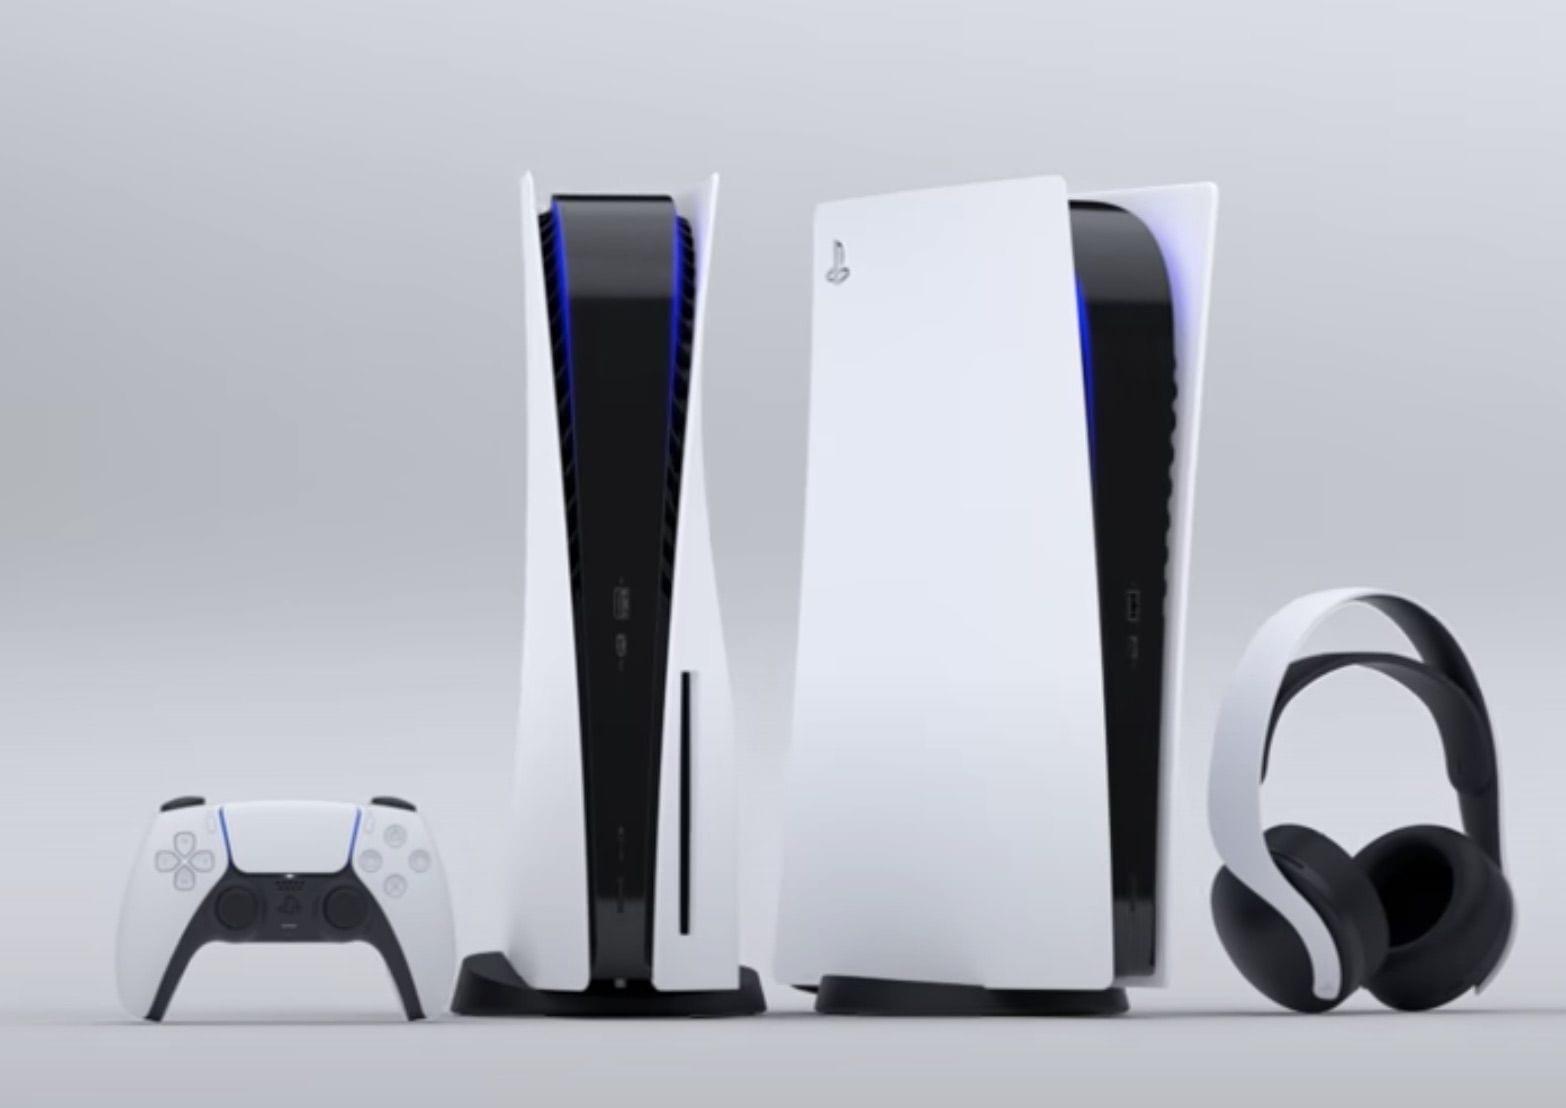 PlayStation 5, non riuscite più ad aspettare? Ecco il simulatore